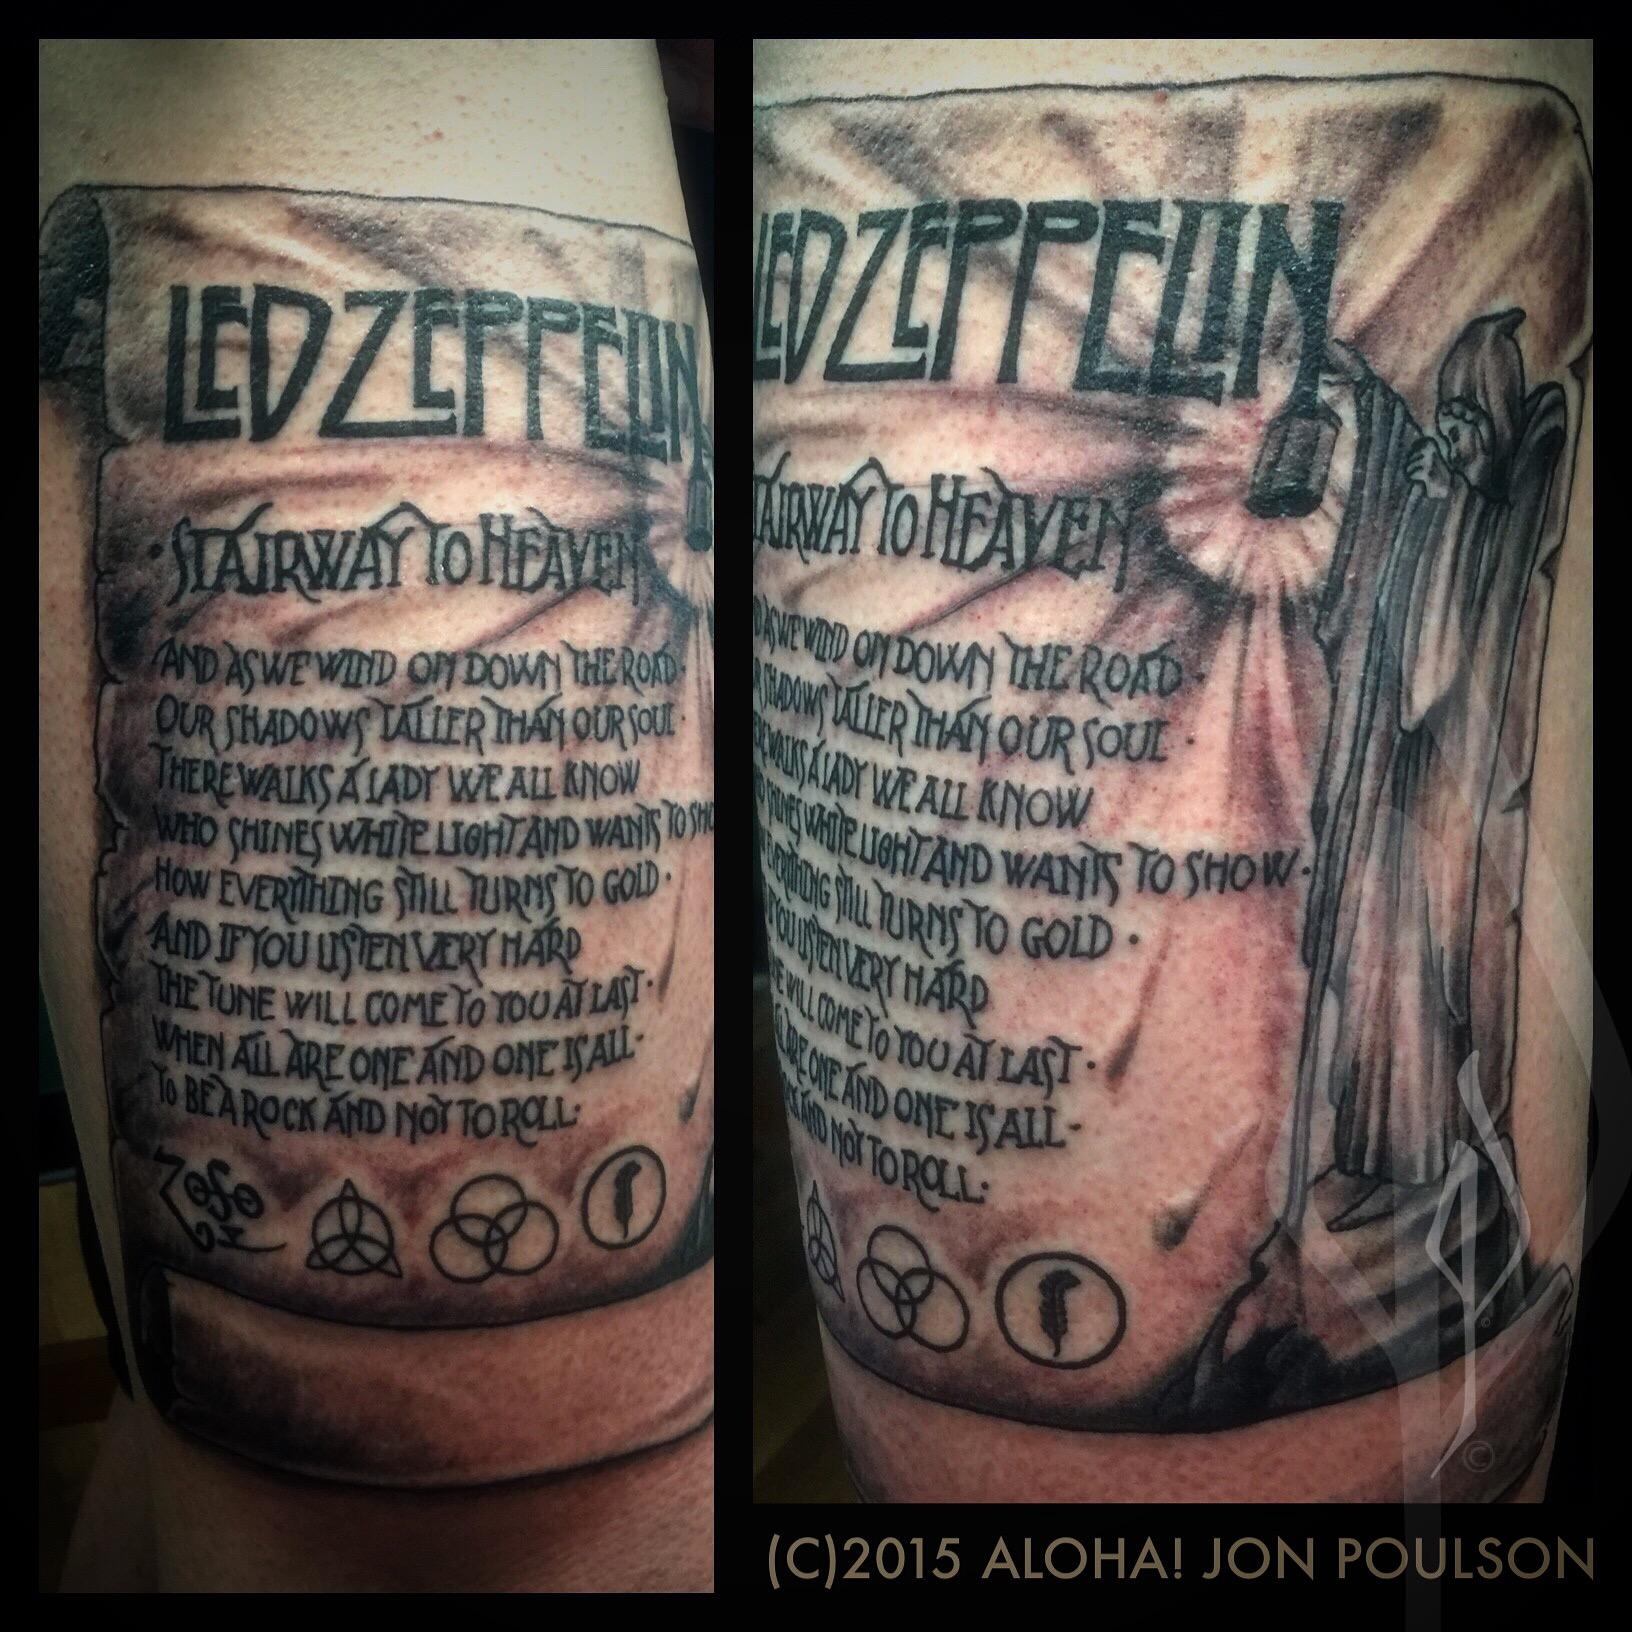 Led Zeppelin tattoo by Jon Poulson